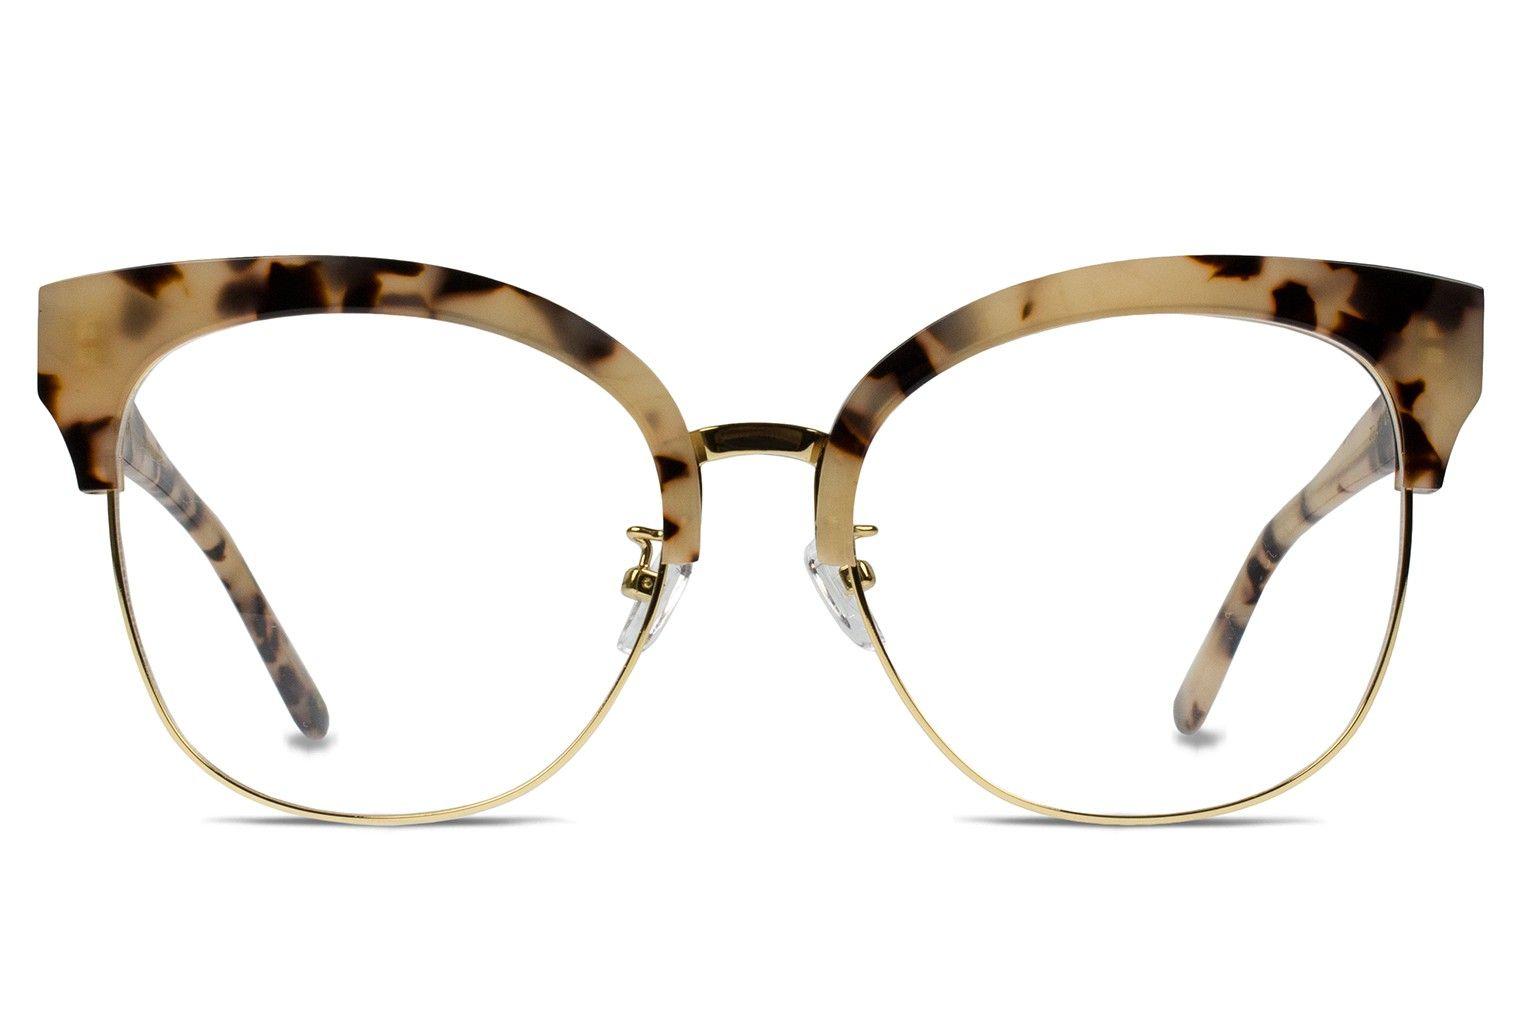 37edfd9c7cd Latest Eyewear Trends  2019 Most Popular Fashion Frames